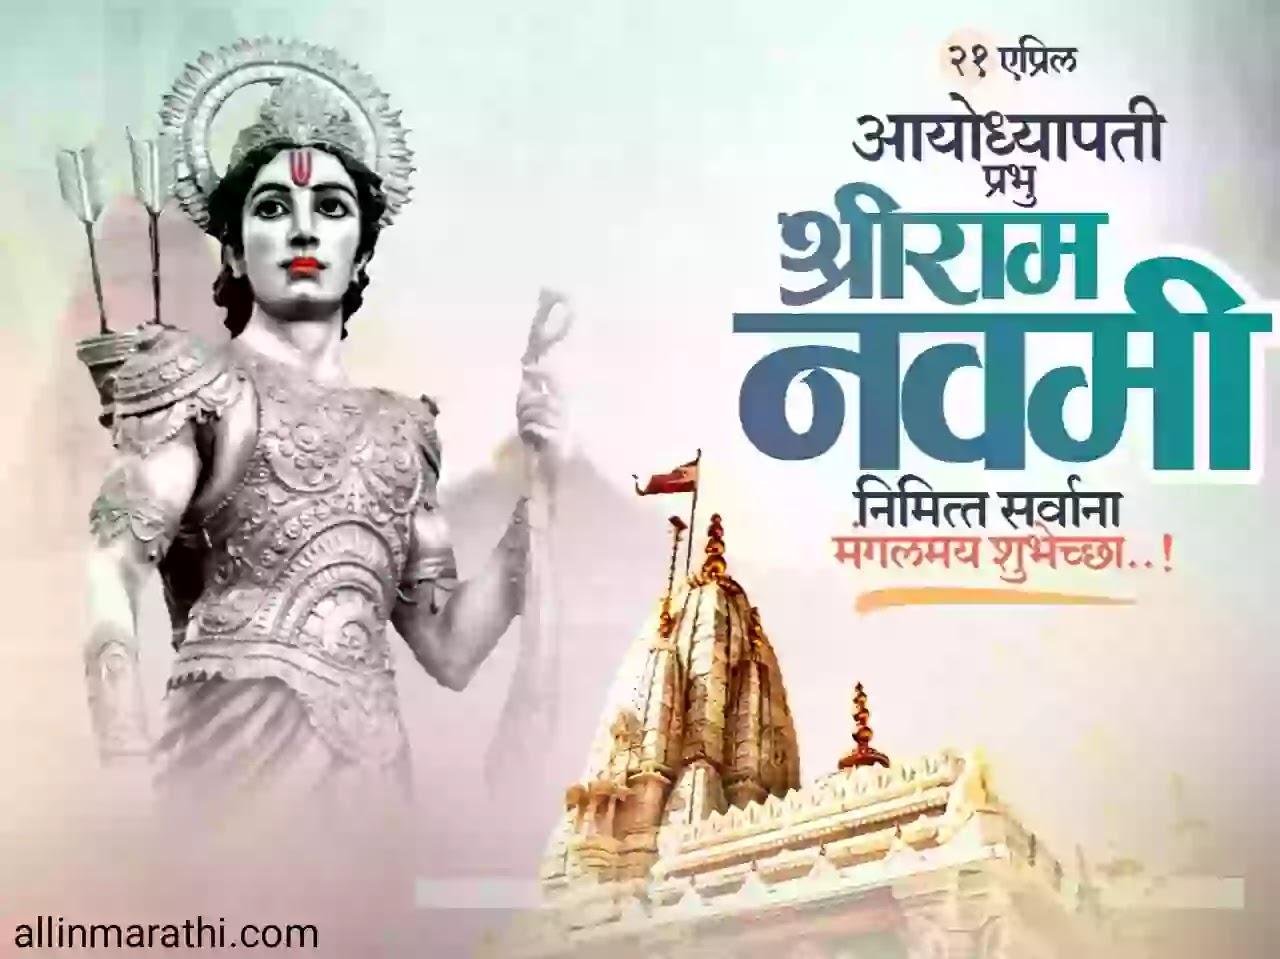 Ram-navami-wishes-images-marathi